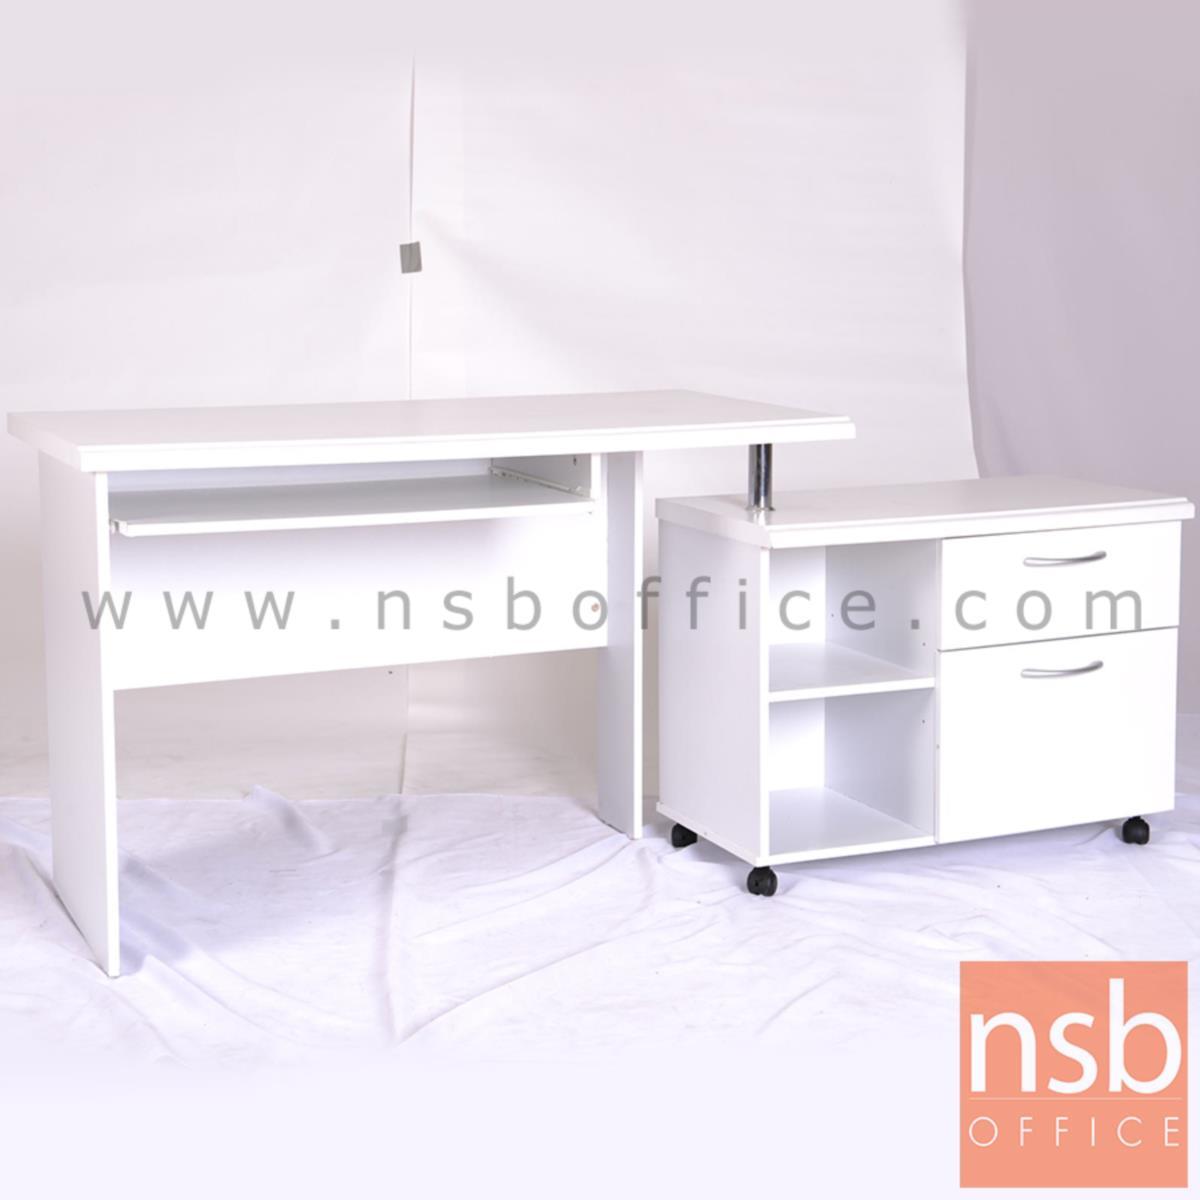 โต๊ะคอมพิวเตอร์ตู้ข้าง 2 ลิ้นชัก 2 ช่องโล่ง  รุ่น Pamela (พาเมลา) ขนาด 120W cm.